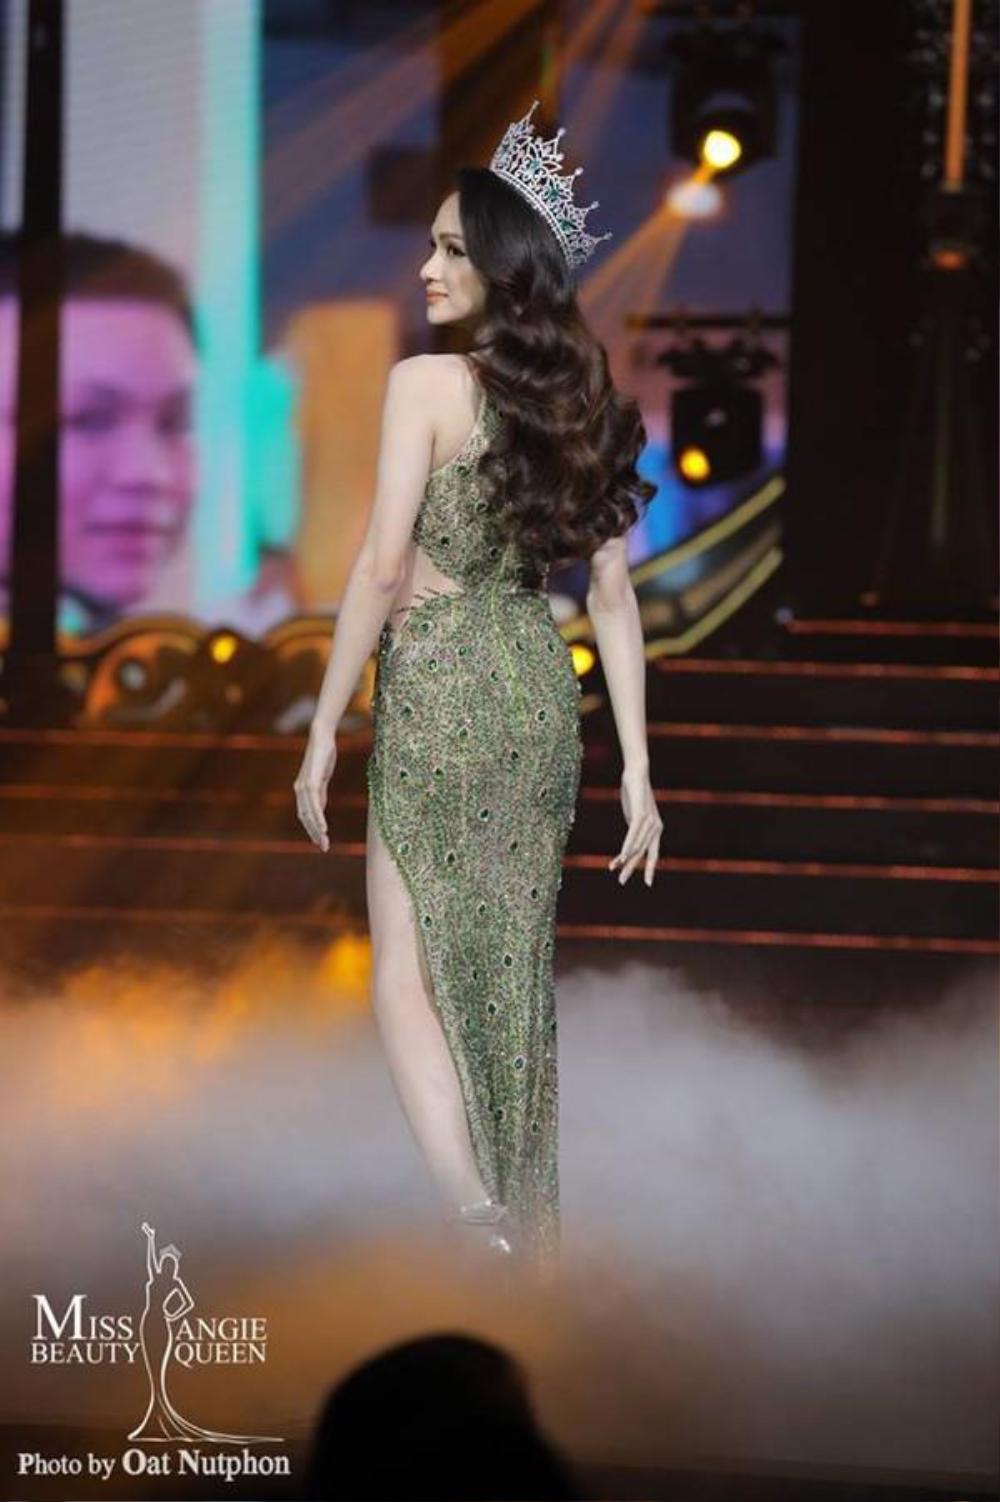 Final walk đẫm nước mắt của Hoa hậu Việt, H'Hen Niê làm fan quốc tế chao đảo Ảnh 15